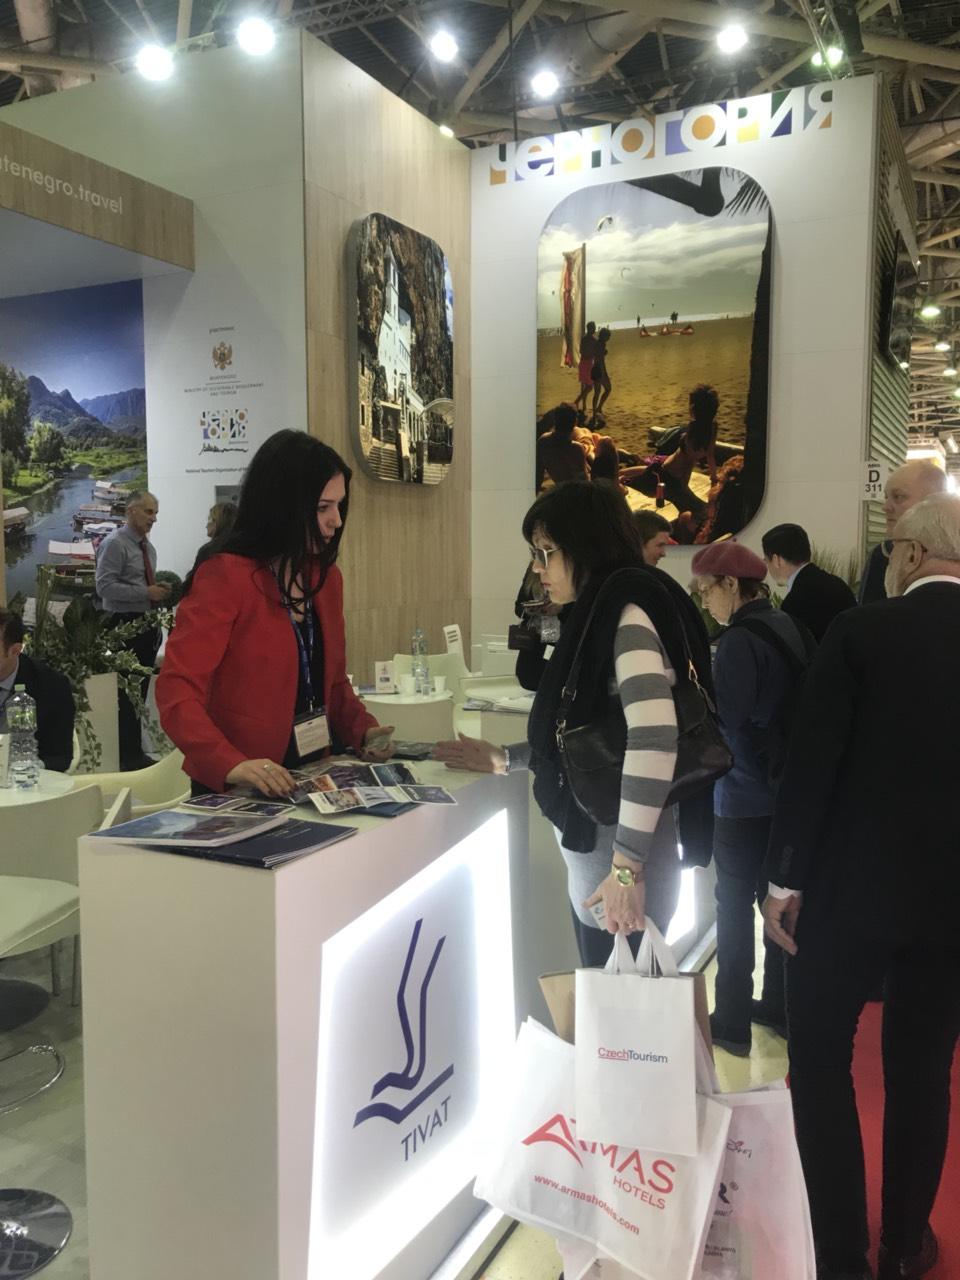 stand to tivat na sajmu turizma u moskvi mitt 2019